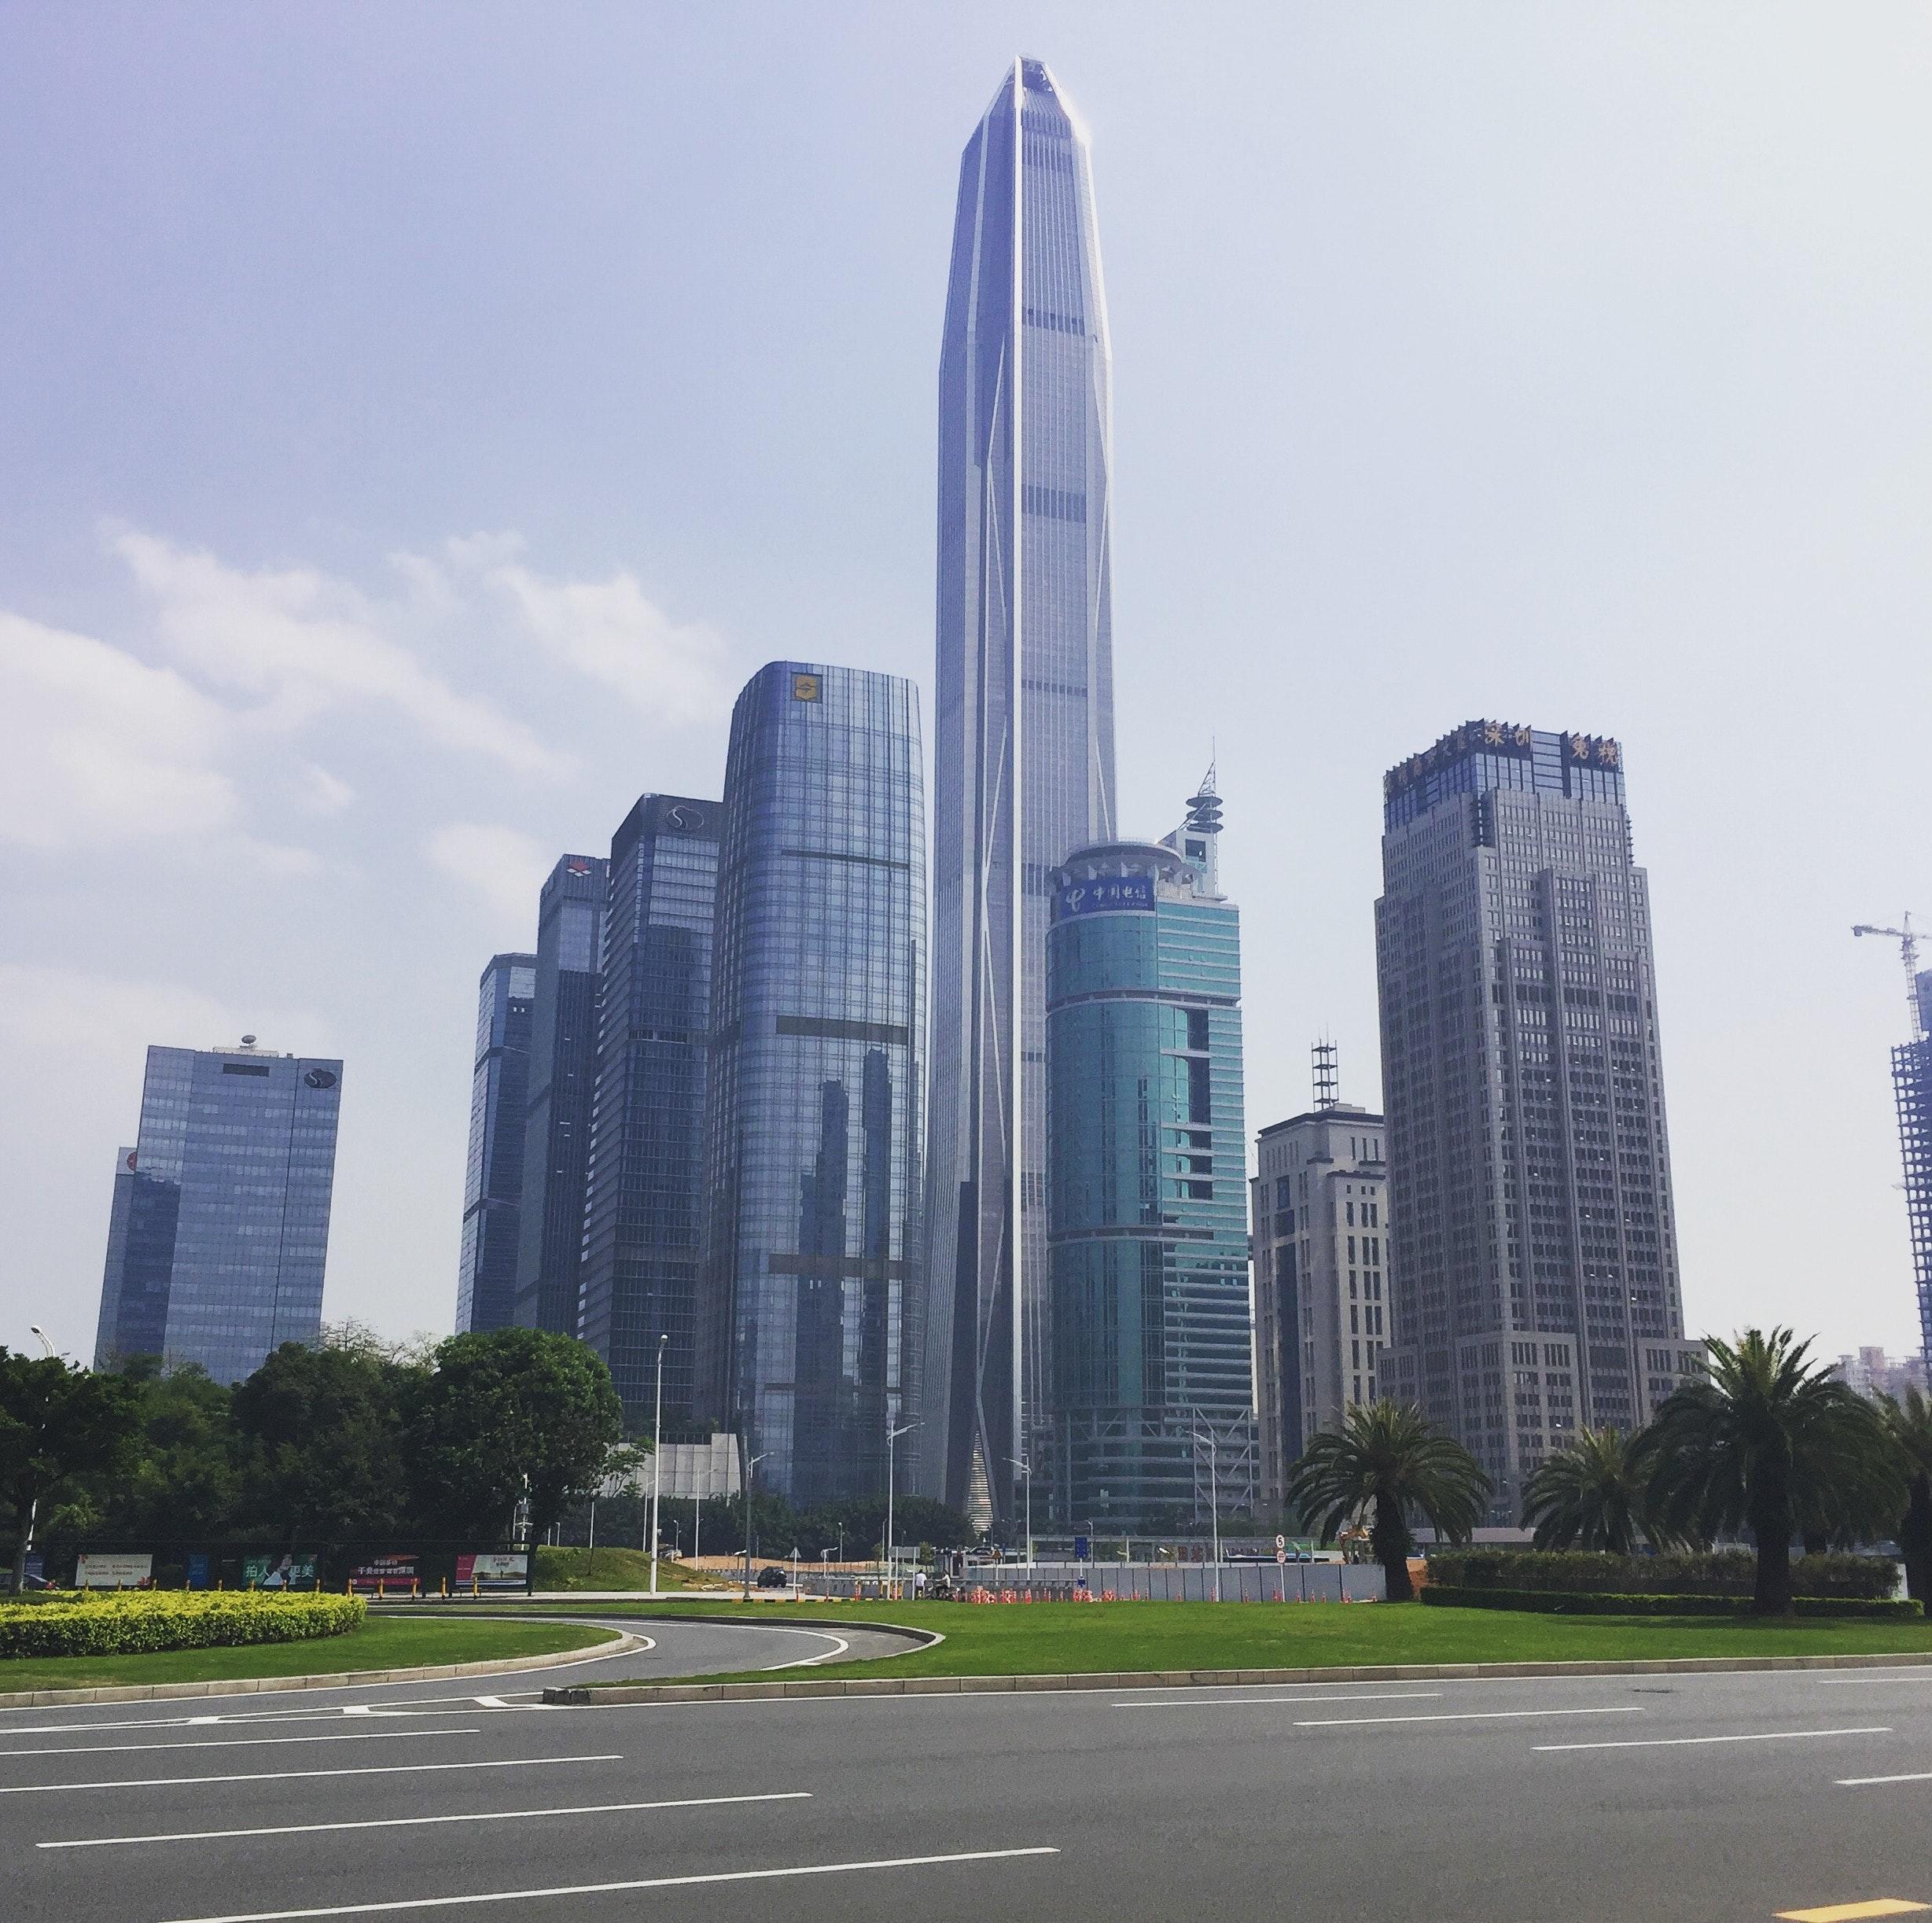 深圳市智慧城市设计方案编制项目